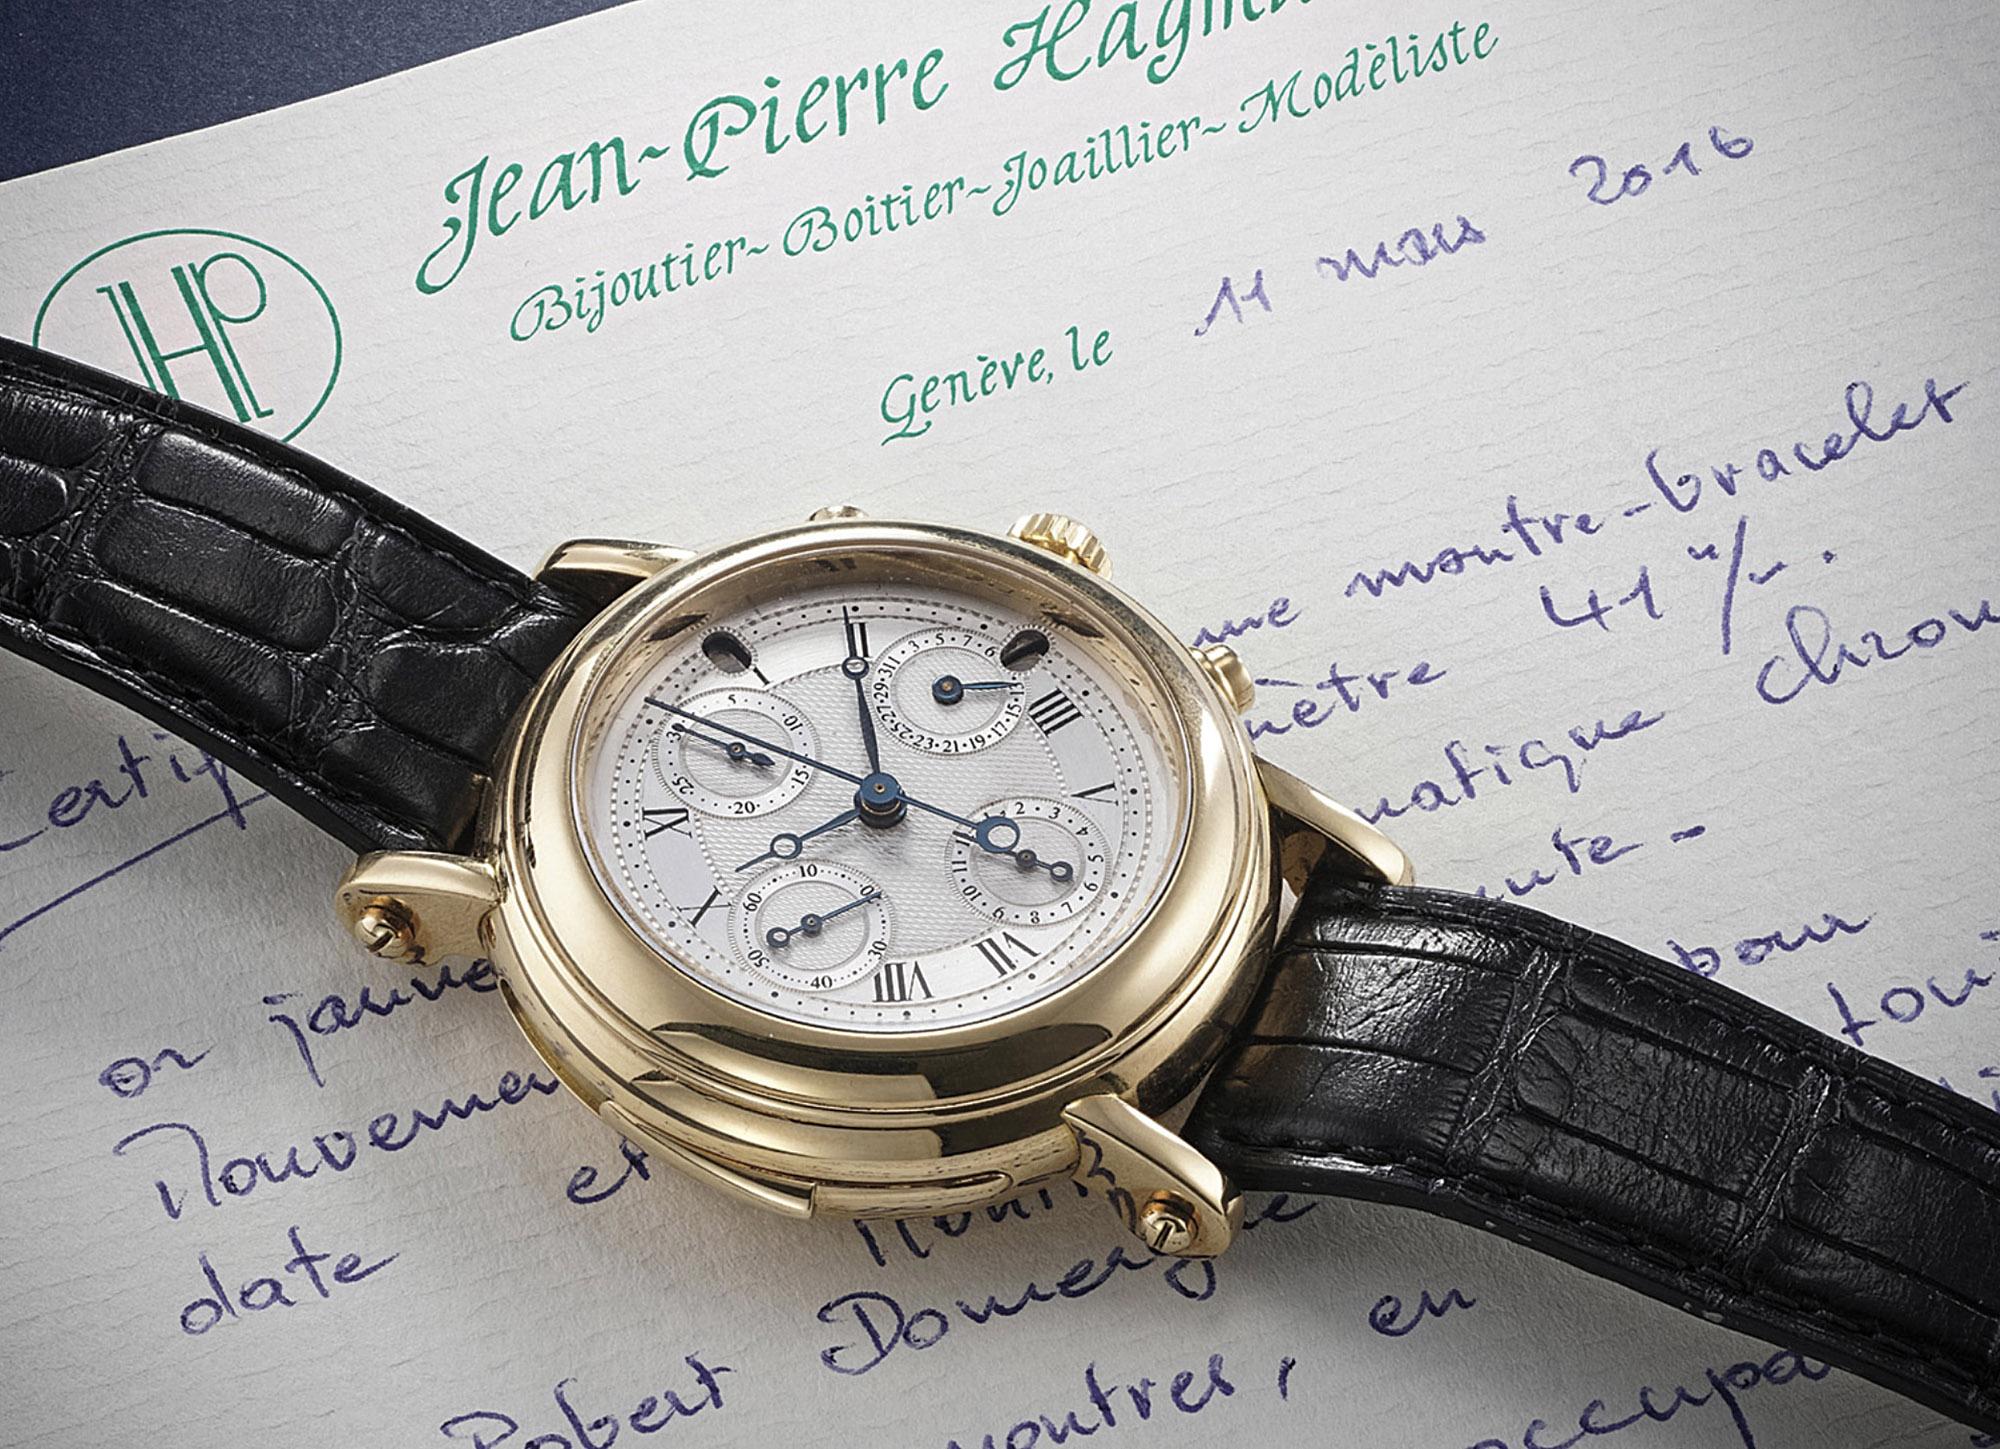 Jean-Pierre Hagman François-Paul Journe Minute Repeater Chronograph